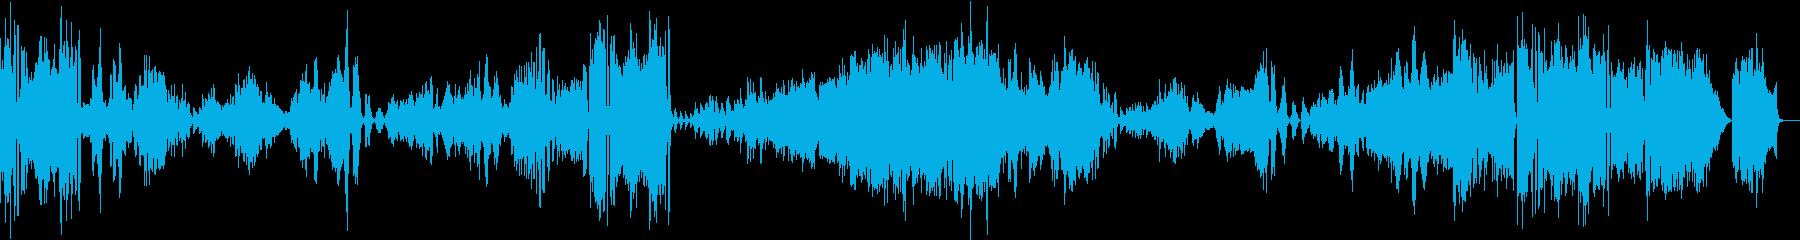 ブラームス/ヴァイオリン・ソナタ3-4の再生済みの波形